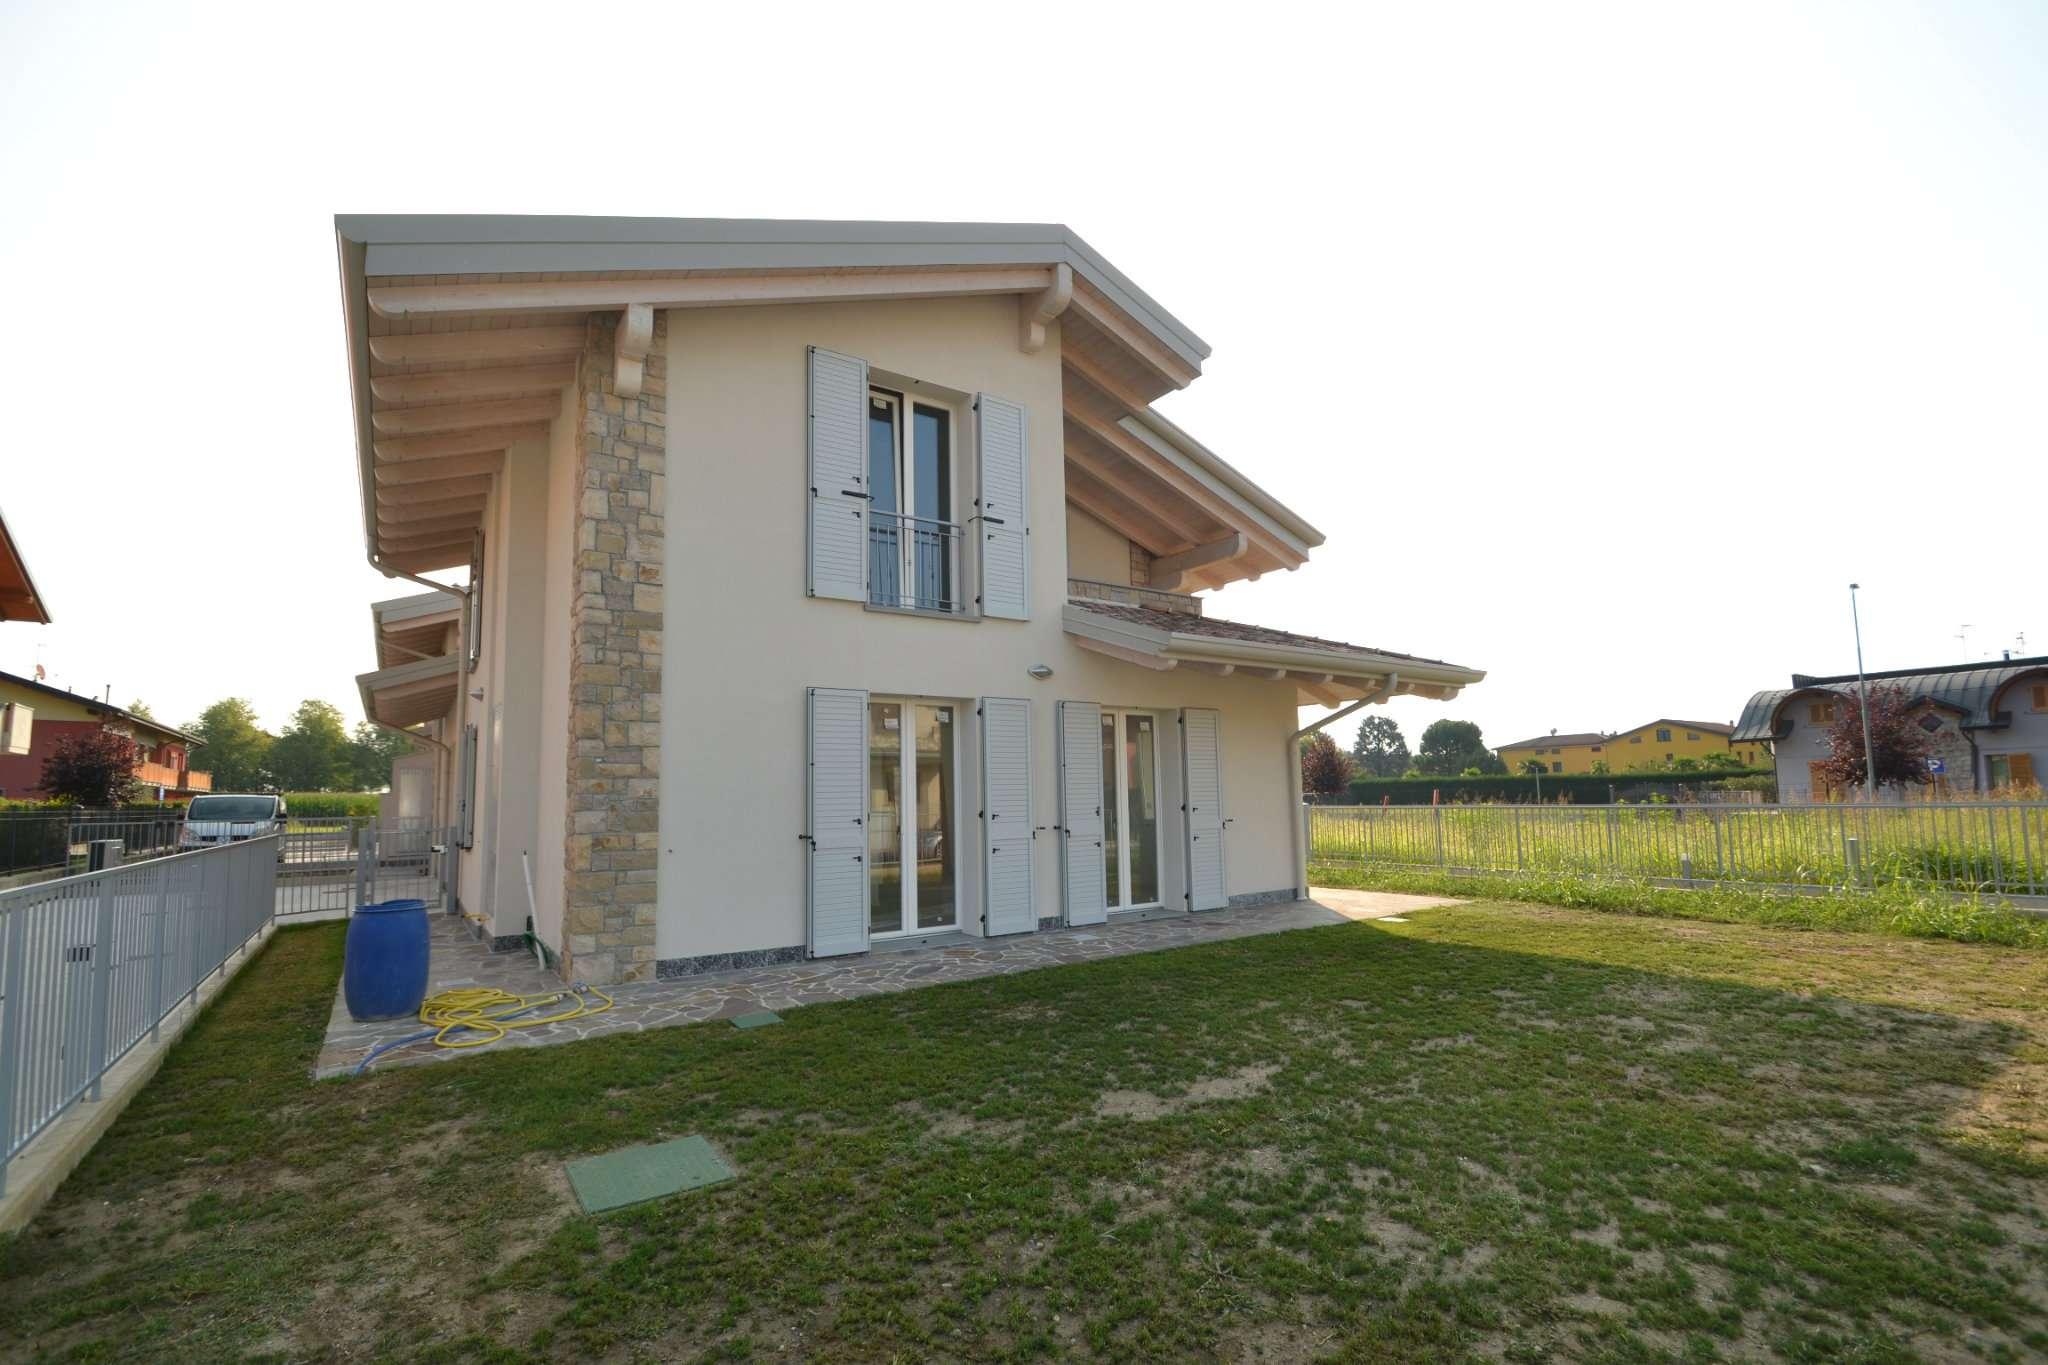 Villa in vendita a Chignolo d'Isola, 3 locali, prezzo € 339.000 | PortaleAgenzieImmobiliari.it